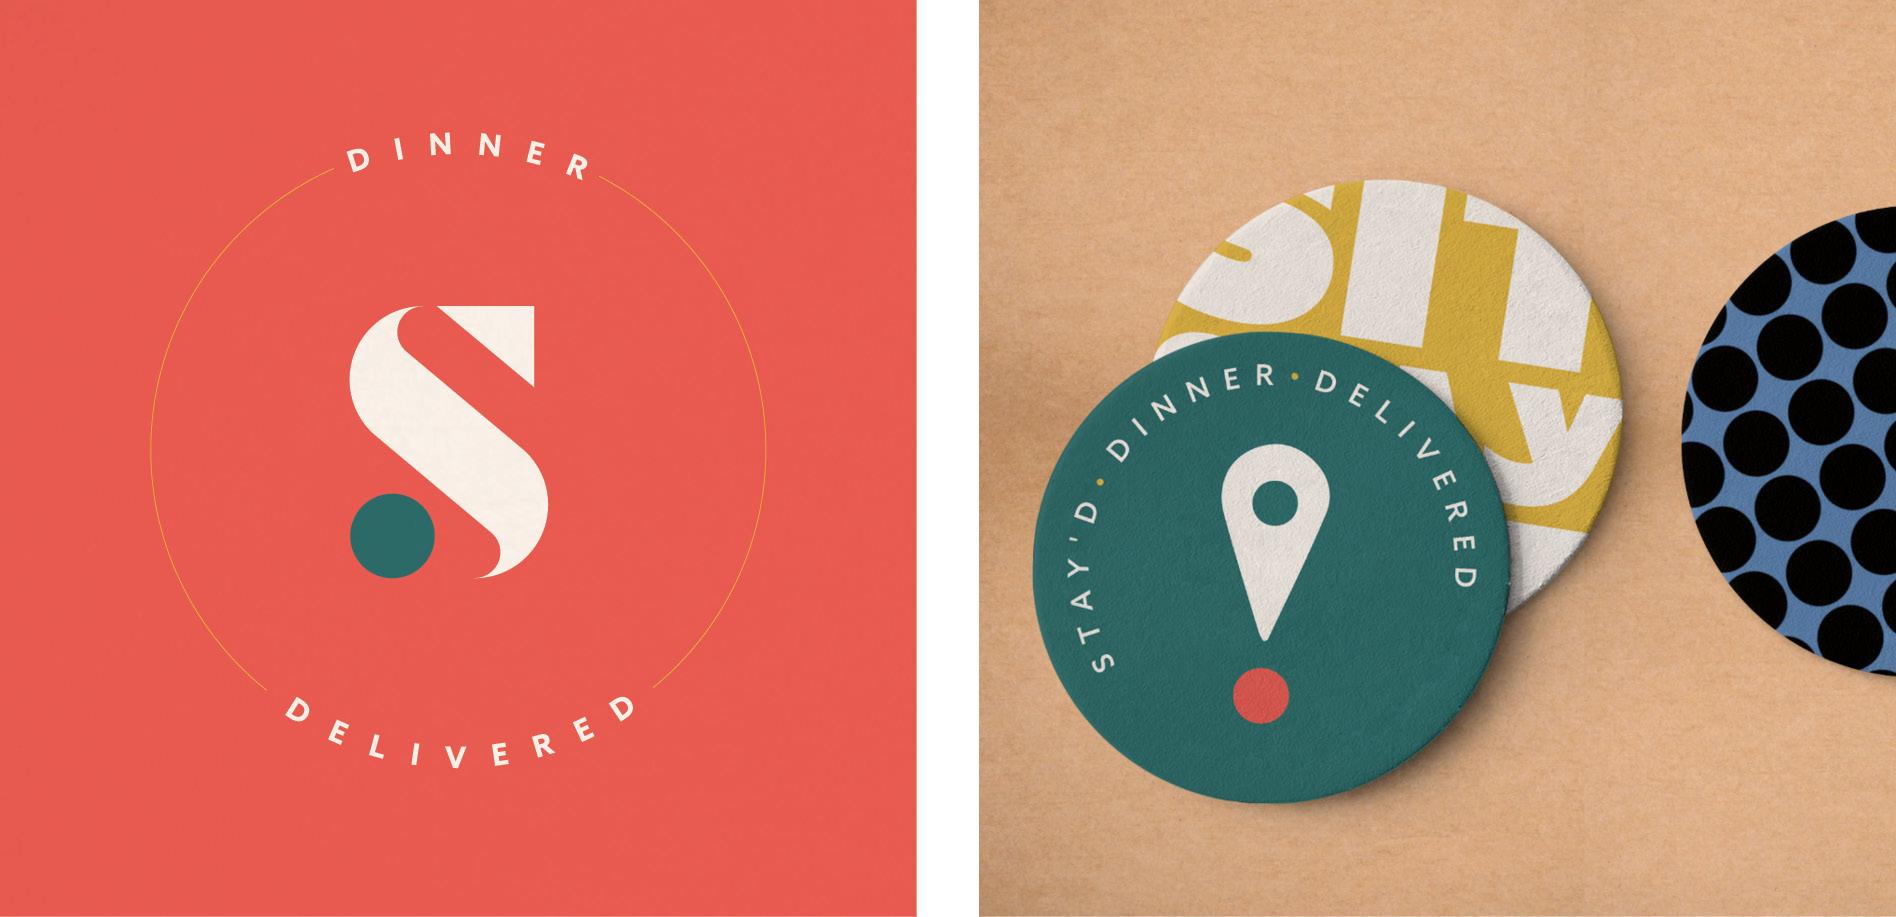 secondary logos food company